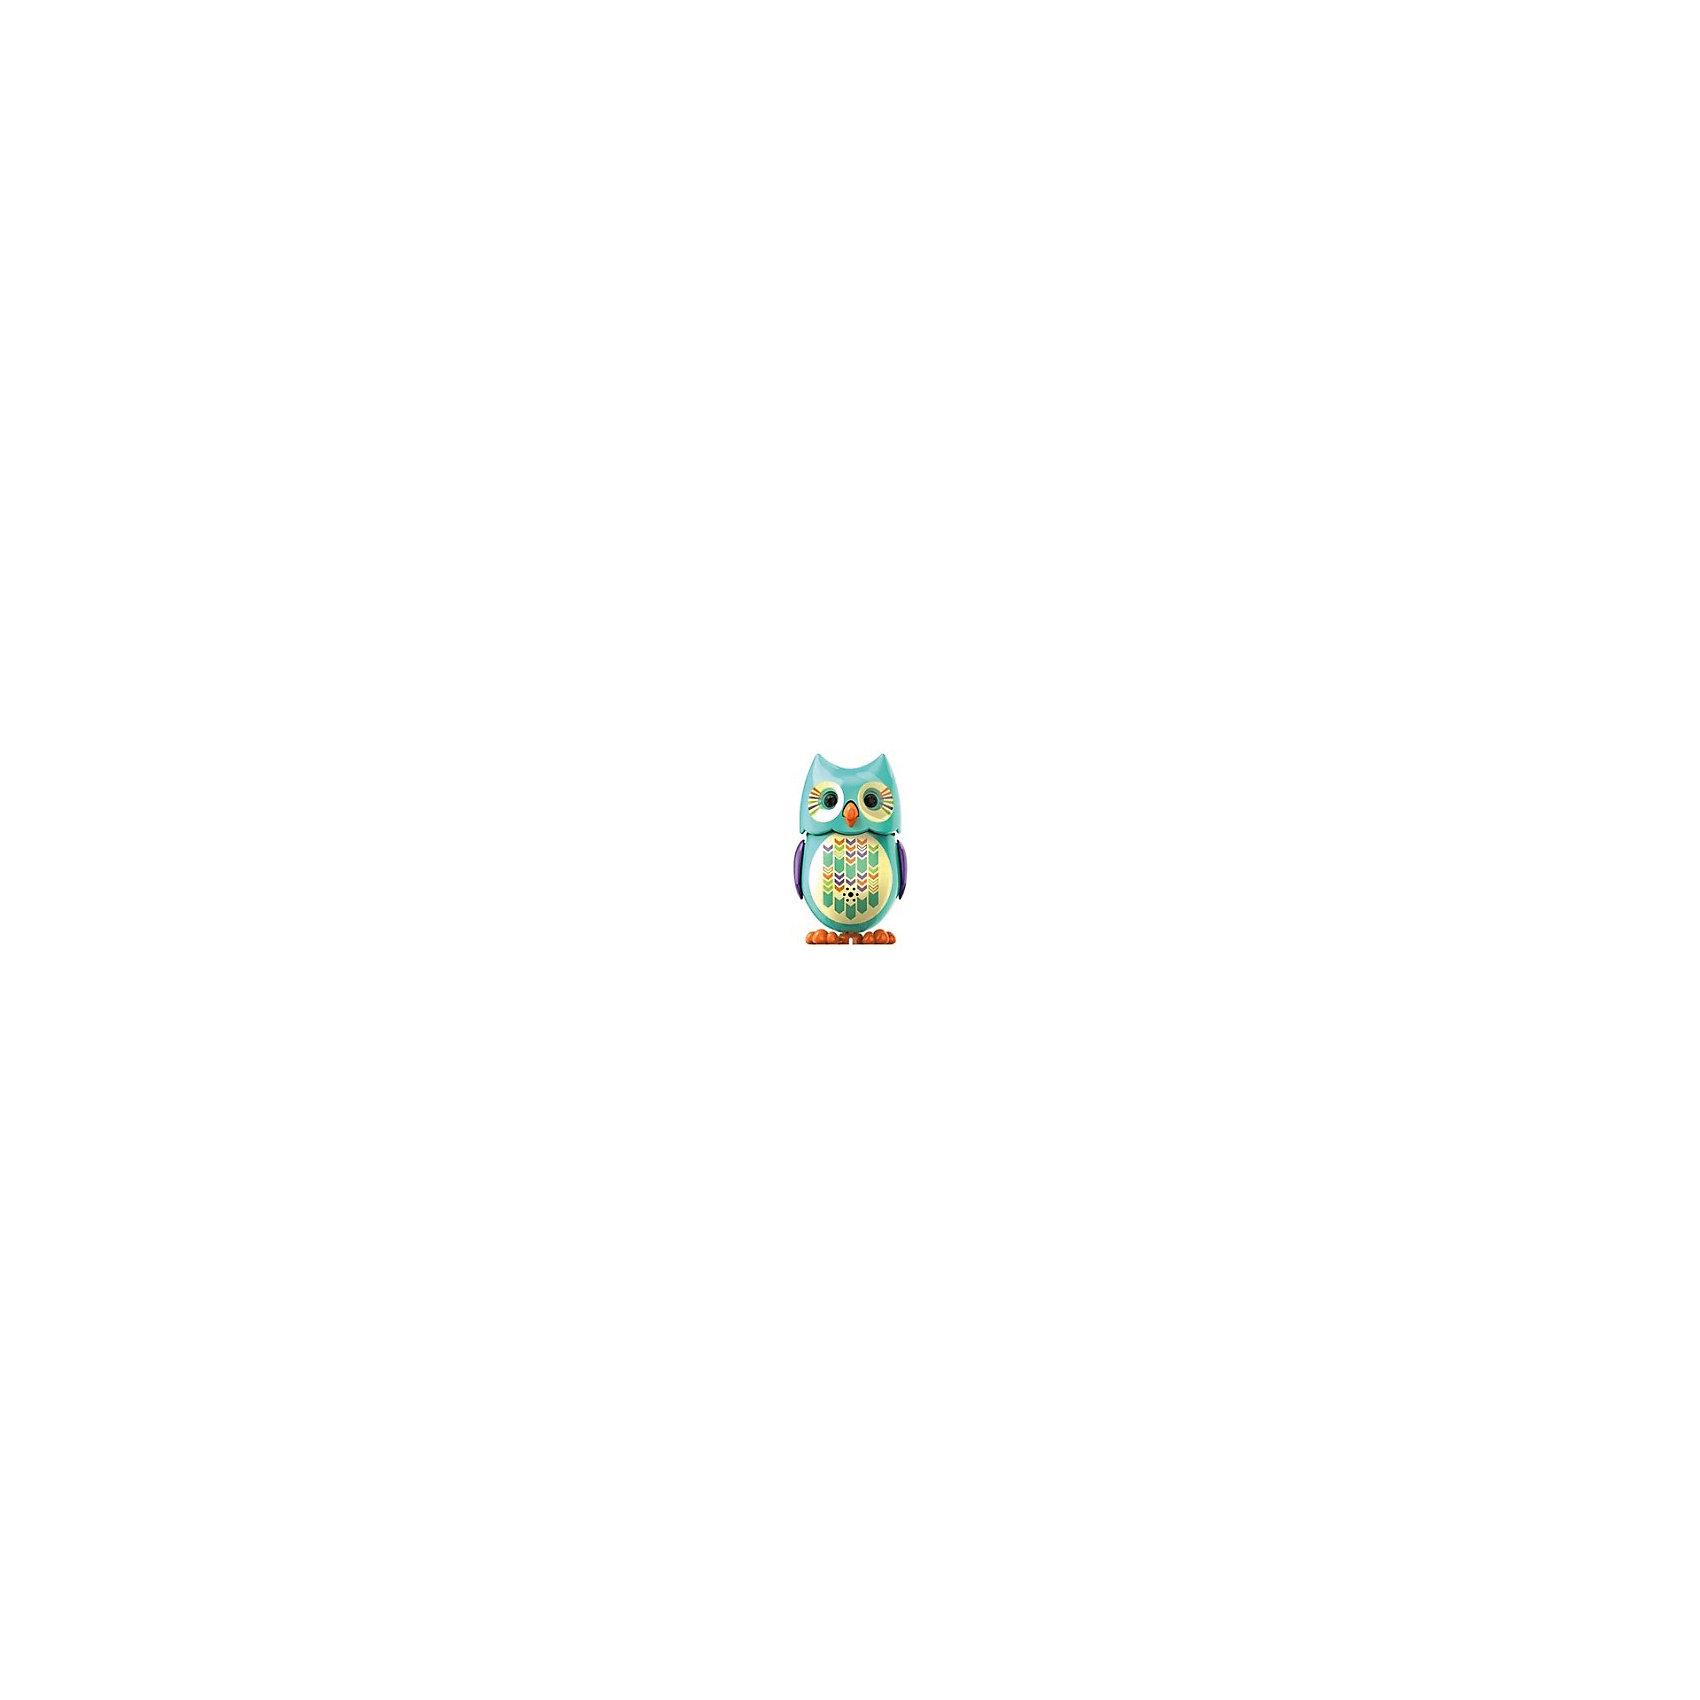 Поющая сова с кольцом, бирюзовая, DigiBirdsИнтерактивные животные<br>Поющая сова с кольцом, бирюзовая, DigiBirds, Silverlit (Сильверлит) ? интерактивная птичка от мирового производителя детских товаров Silverlit (Сильверлит). Сова оснащена световыми и звуковыми эффектами. Ее творческий репертуар состоит из 55 песенок, которые исполняются как в сольном виде, так и в хоровом. Имея столь разнообразный репертуар, эта игрушка вряд ли быстро наскучит вашему ребенку. Активируется сова тремя способами: на нее достаточно подуть или посвистеть в свисток, который идет в комплекте, или резко взмахнуть по воздуху, держа птичку в руке. Кроме того, сова умеет танцевать: в такт музыке машет крыльями, раскрывает клюв и поворачивает головой. Кроме того, пение сопровождается свечением больших очаровательных глаз.<br>Поющая сова с кольцом, бирюзовая, DigiBirds, Silverlit (Сильверлит) ? совершенно уникальная игрушка, которая не только развлекает вашего ребенка, но и занимается его музыкальным развитием. В первую очередь, она способствует формированию музыкального слуха и памяти. Простые действия: подуть в свисток, подуть на сову ? простые, но очень эффективные упражнения, которые направлены на развитие речевого аппарата.<br>Поющая сова с кольцом, бирюзовая, DigiBirds, Silverlit (Сильверлит) ? это миниатюрный музыкальный центр для вашего ребенка.<br><br>Дополнительная информация:<br><br>- Вид игр: сюжетно-ролевые игры <br>- Предназначение: для дома<br>- Батарейки: 3 шт. LR44<br>- Материал: высококачественный пластик<br>- Размер (ДхШхВ): 6,4*15,2*10,2 см<br>- Вес: 91 г<br>- Комплектация: сова, свисток-кольцо для птички, инструкция, батарейки<br>- Особенности ухода: протирать влажной губкой<br><br>ВНИМАНИЕ! Данный артикул имеется в наличии в разных цветовых исполнениях (сиреневый, красный, бирюзовый, белый, розовый, оранжевый). К сожалению, заранее выбрать определенный цвет невозможно. <br><br>Подробнее:<br><br>• Для детей в возрасте: от 3 лет и до 7 лет <br>• Страна производитель: Китай<b